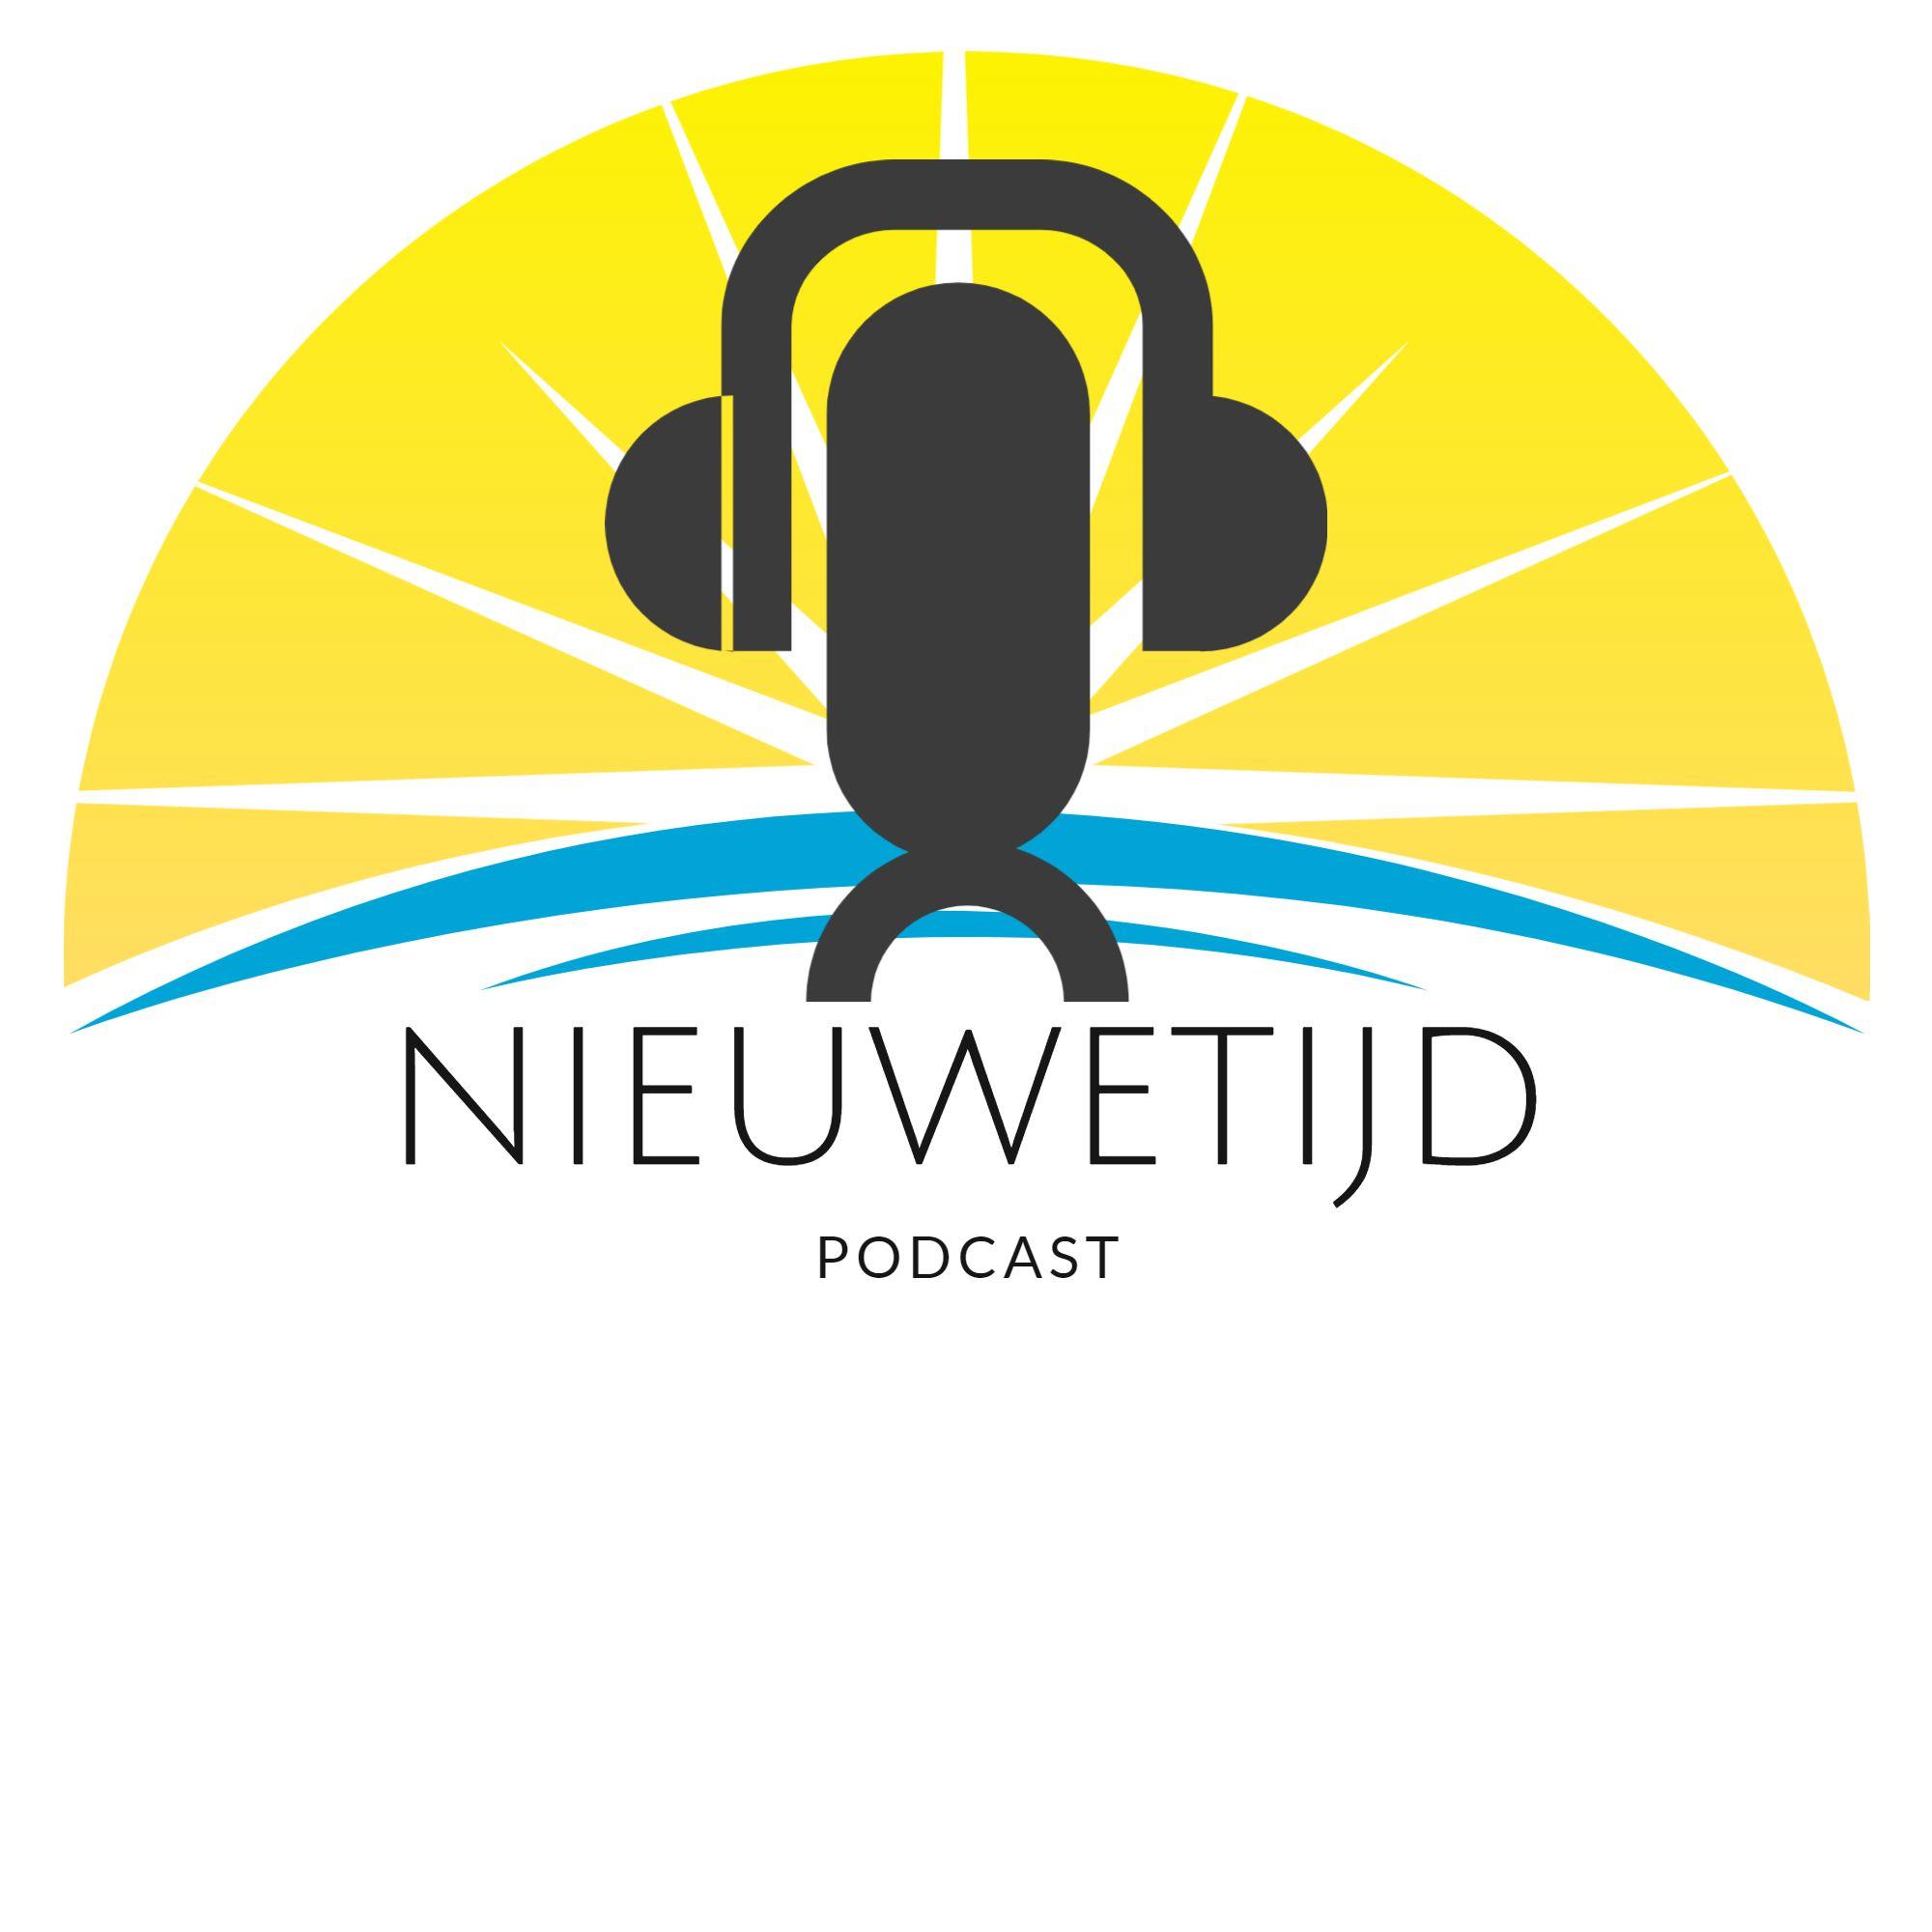 Podcast over de #NieuweTijd logo